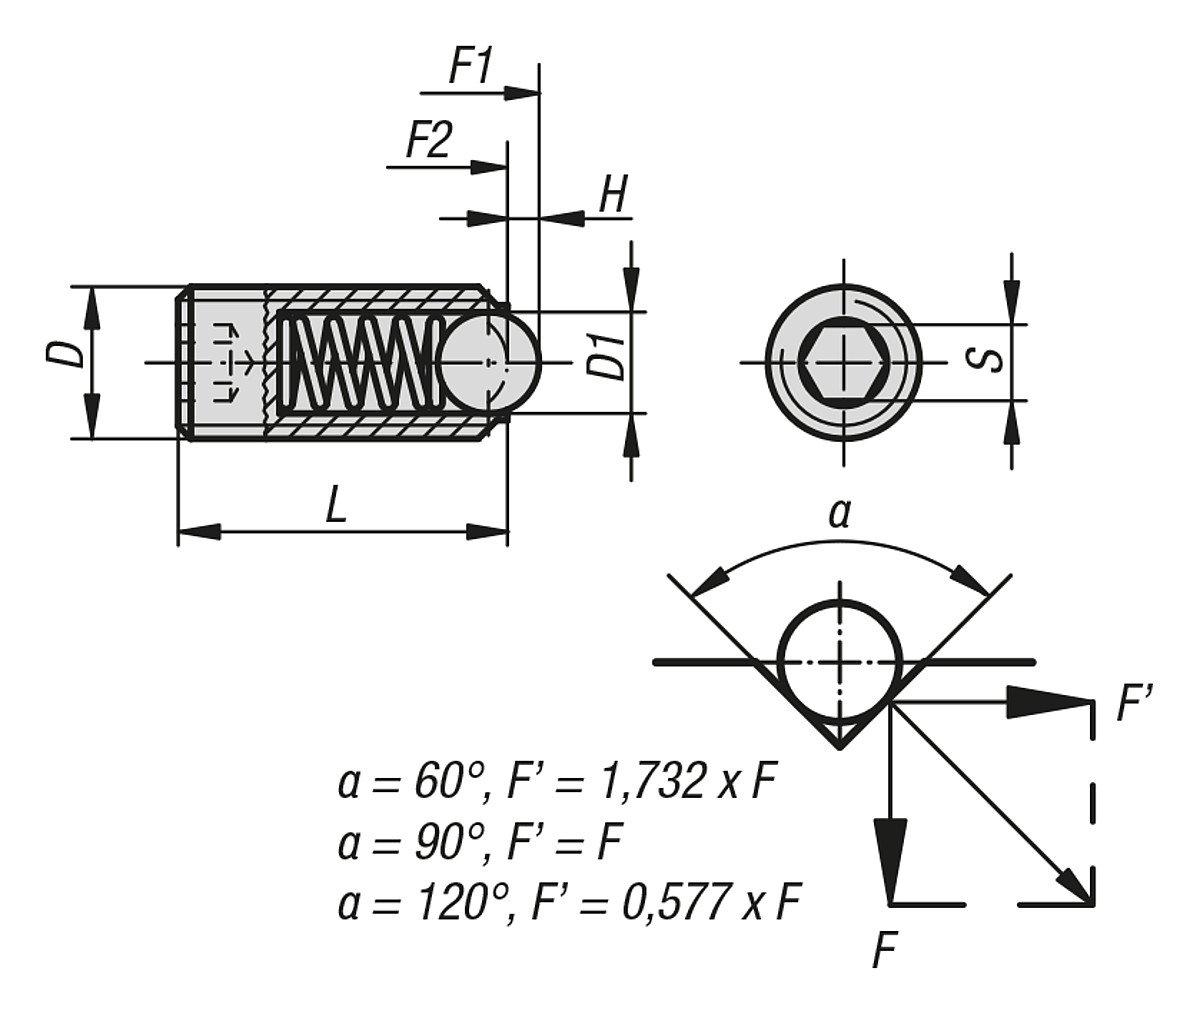 k0315.04 Komp: Boule en acier inoxydable federndes /à bascule pour pi/èce de pression standard M04/L = 10/Ressort Acier VPE = 25 1/Pi/èces